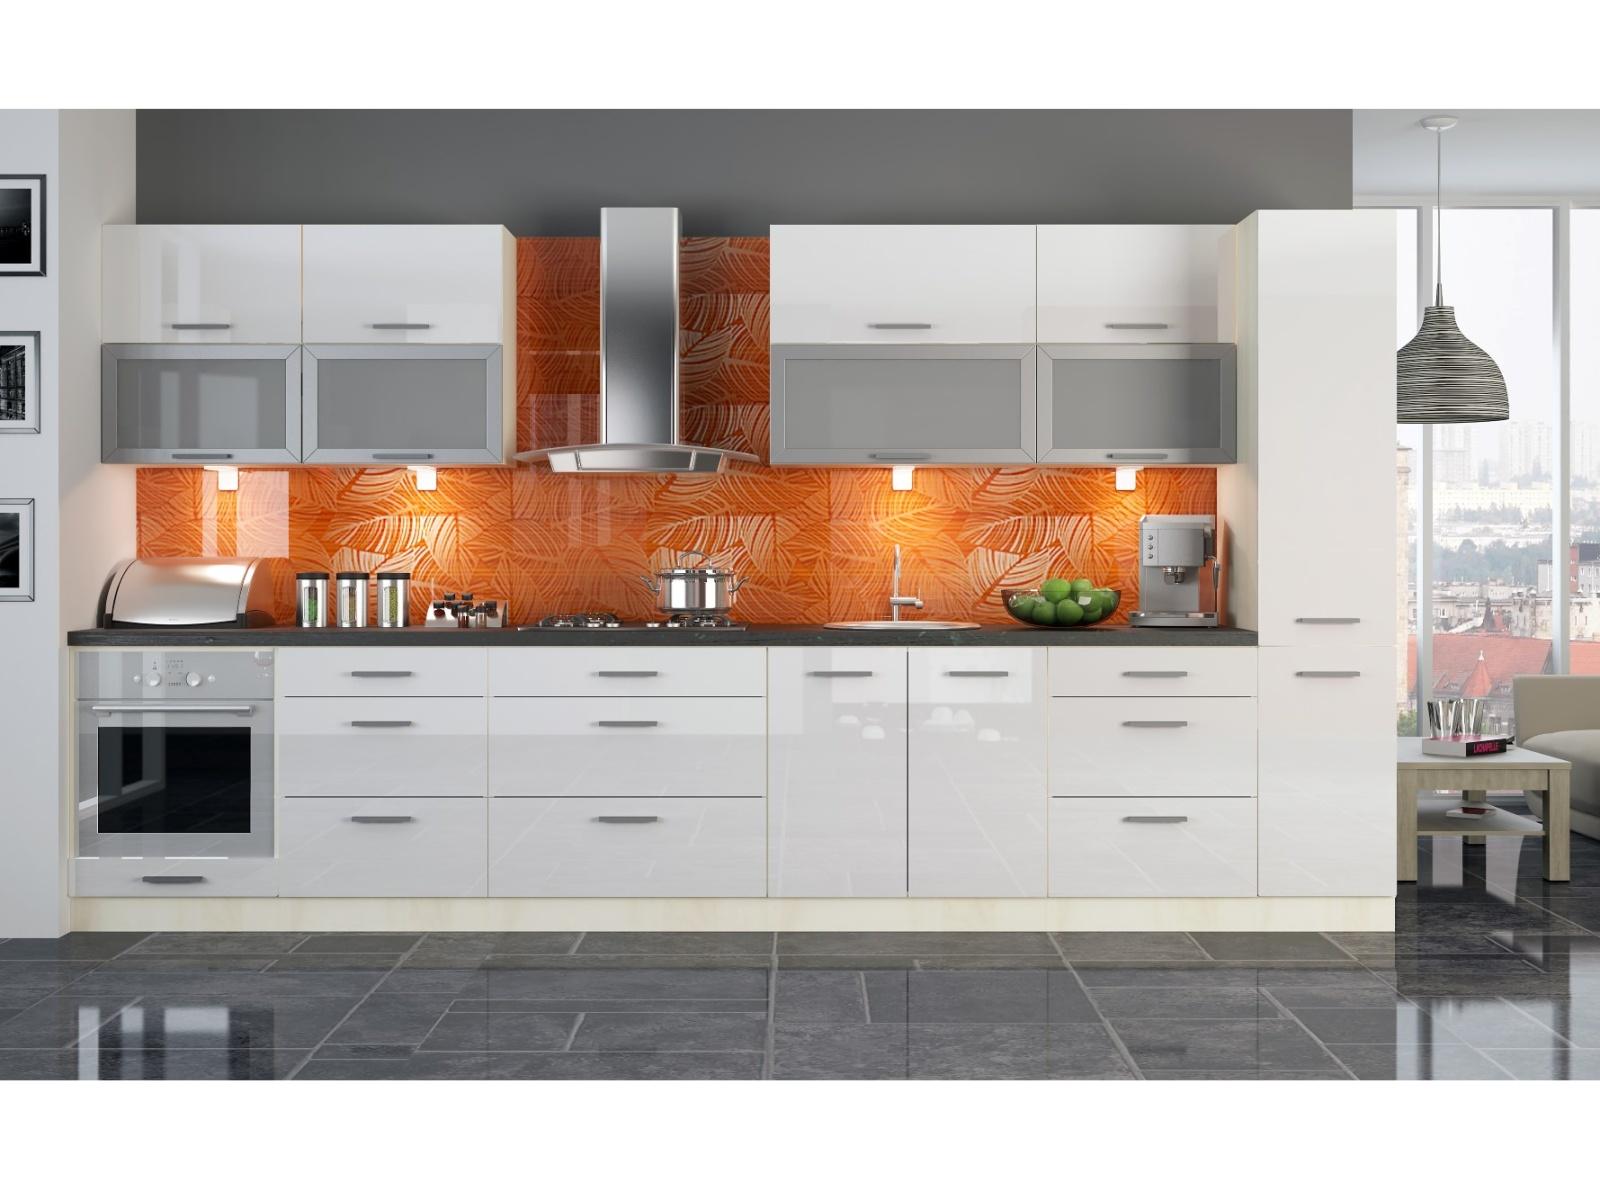 Extom Kuchyně PLATINUM 300/380 cm, VZOROVÁ SESTAVA, white